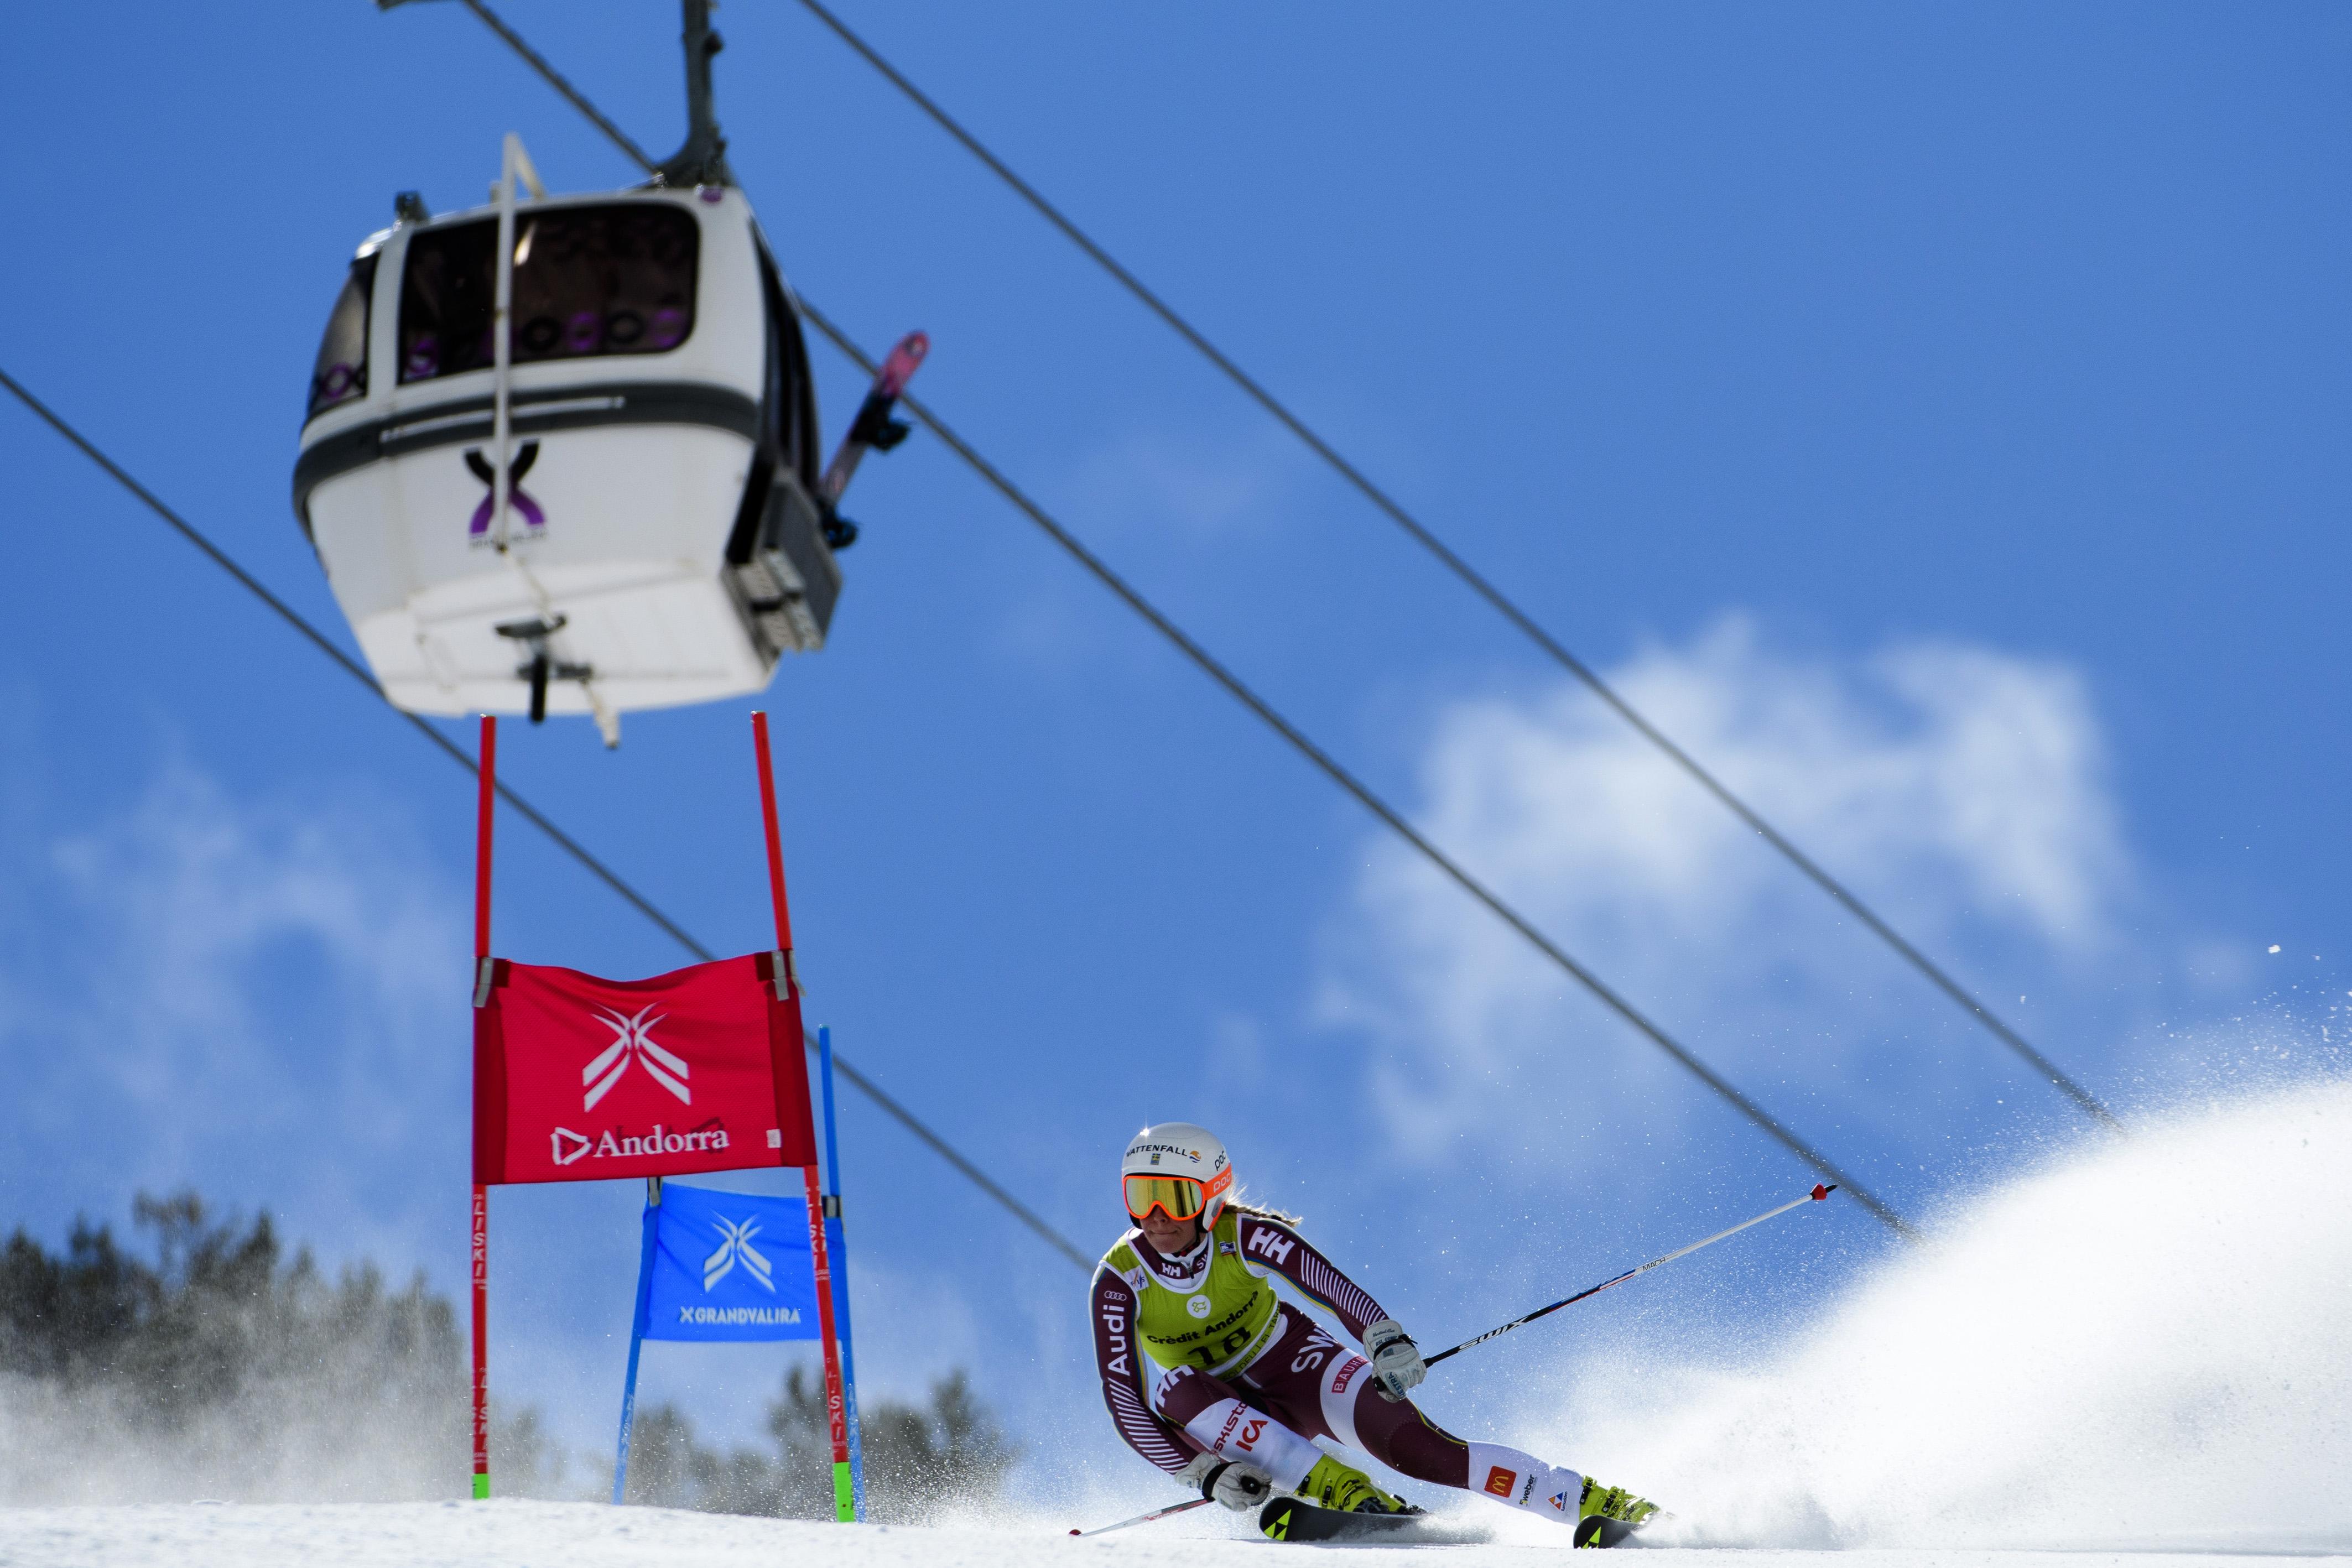 """Ayer en un evento en Nueva York la esquiadora americana ha anunciado que la temporada 2018-19 será la última, supere o no el record de Ingemar Stenmark de victórias en Copa del Mundo. Con 82 victorias en la Copa del Mundo de Esquí FIS de carrera, solo cuatro menos que el récord de 86 de Stenmark, Vonn sorprendió a propios y extraños declarando que retiraría después de esta temporada.  """"Si lo obtengo [el récord], sería un sueño hecho realidad"""", dijo Vonn antes de un evento en Manhattan. """"Si no lo hago, creo que he tenido una carrera increíblemente exitosa, no importa """"Sigo siendo la esquiadora más laureada de todos los tiempos"""". La temporada pasada, Vonn consiguió cinco victorias en la Copa Mundial, a pesar de un comienzo difícil de la temporada con un accidente en Lake Louise. """"Lindsey Vonn es realmente un ícono del deporte mundial"""", dijo Tiger Shaw, presidente y CEO de Ski & Snowboard de los EE. UU. """"La noticia de que la próxima temporada será la última de Lindsey es muy importante. Todos tenemos la oportunidad de ver a una increíble atleta terminar su brillante carrera deportiva, escribiendo un nuevo capítulo de su brillante historia. """". Cinco victorias es lo que Vonn necesita esta temporada para superar el récord de Stenmark y pasar a la historia como la esquiadora con más victórias de todos los tiempos. La retirada del astro americano coincidirá con las Finales de Copa del Mundo de Esquí Alpino que se disputarán en las pistas de Soldeu EL Tarter, Grandvalira, en el Pirineo de Andorra."""